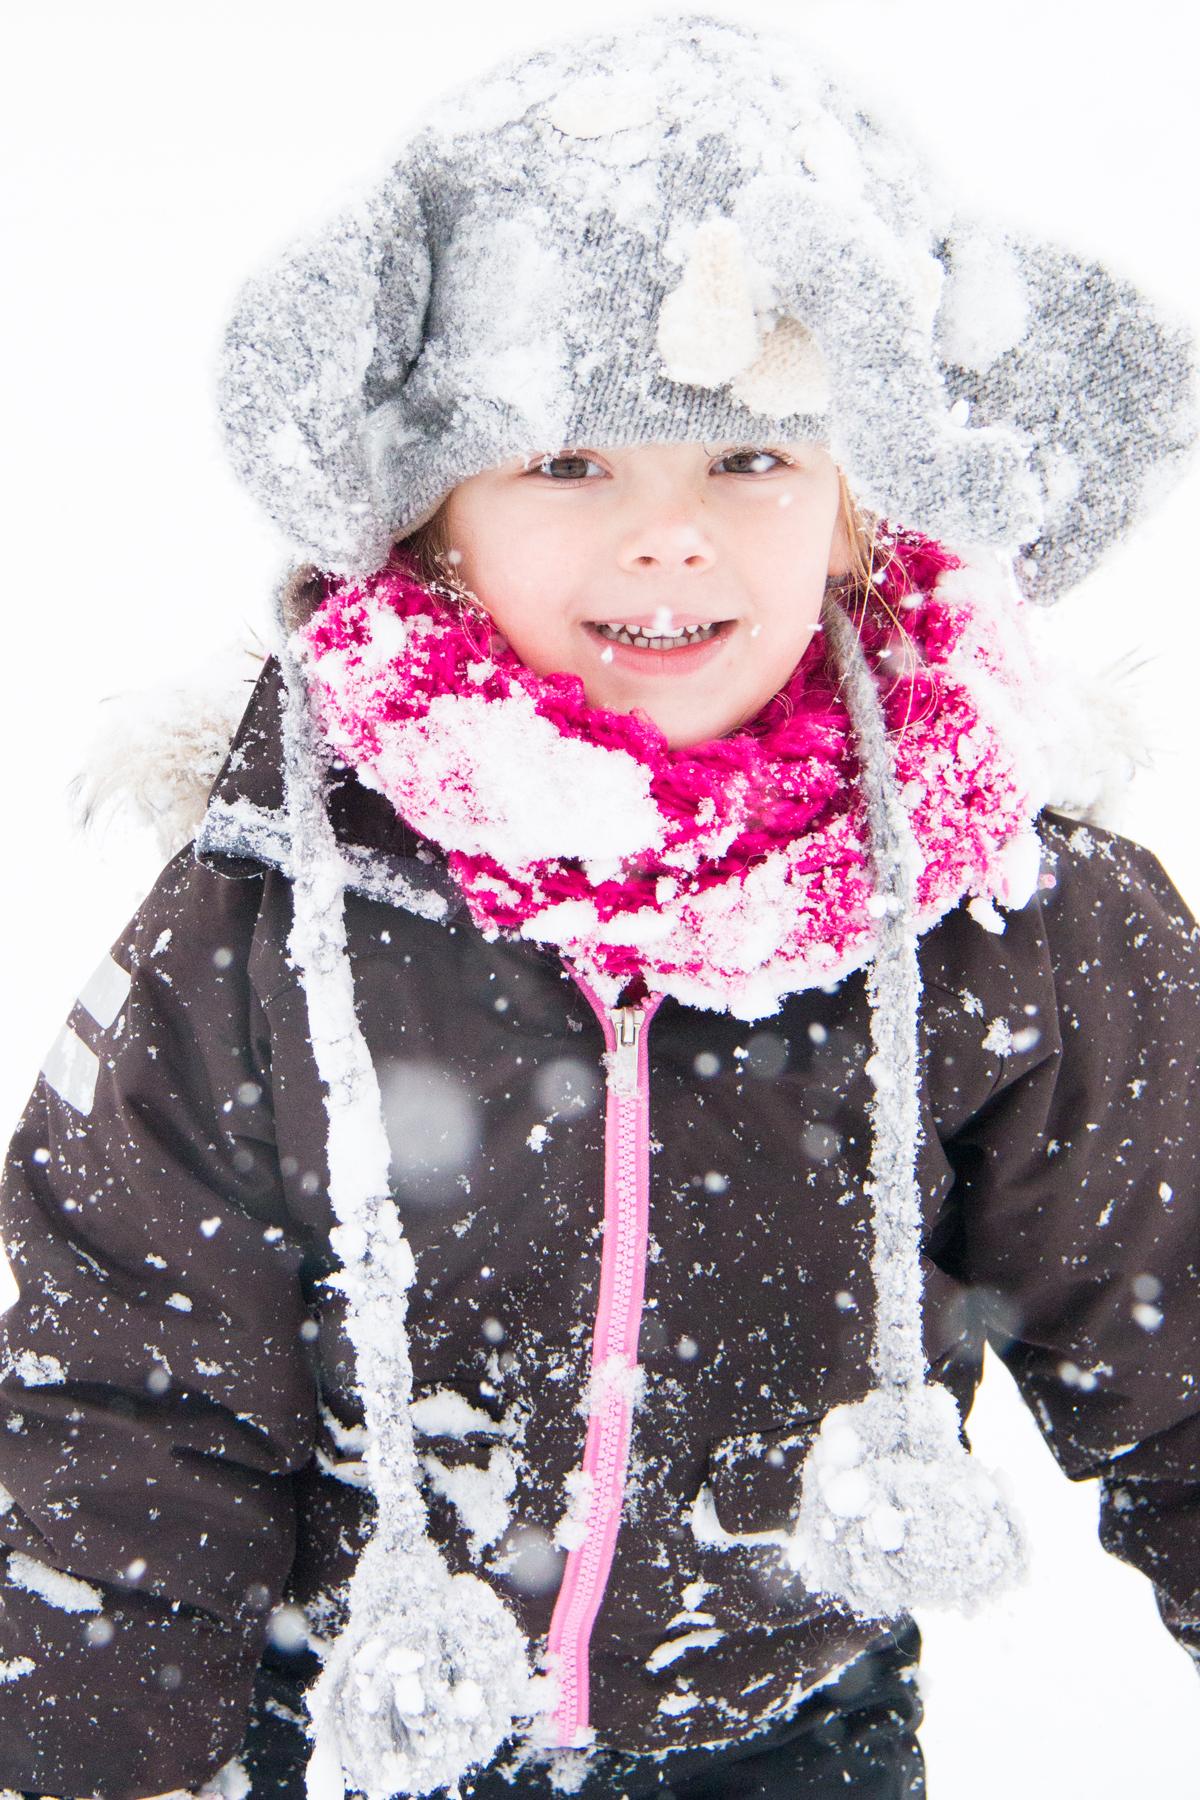 Eva 4 jaar | 2014 - Sneeuw in Zwitserland